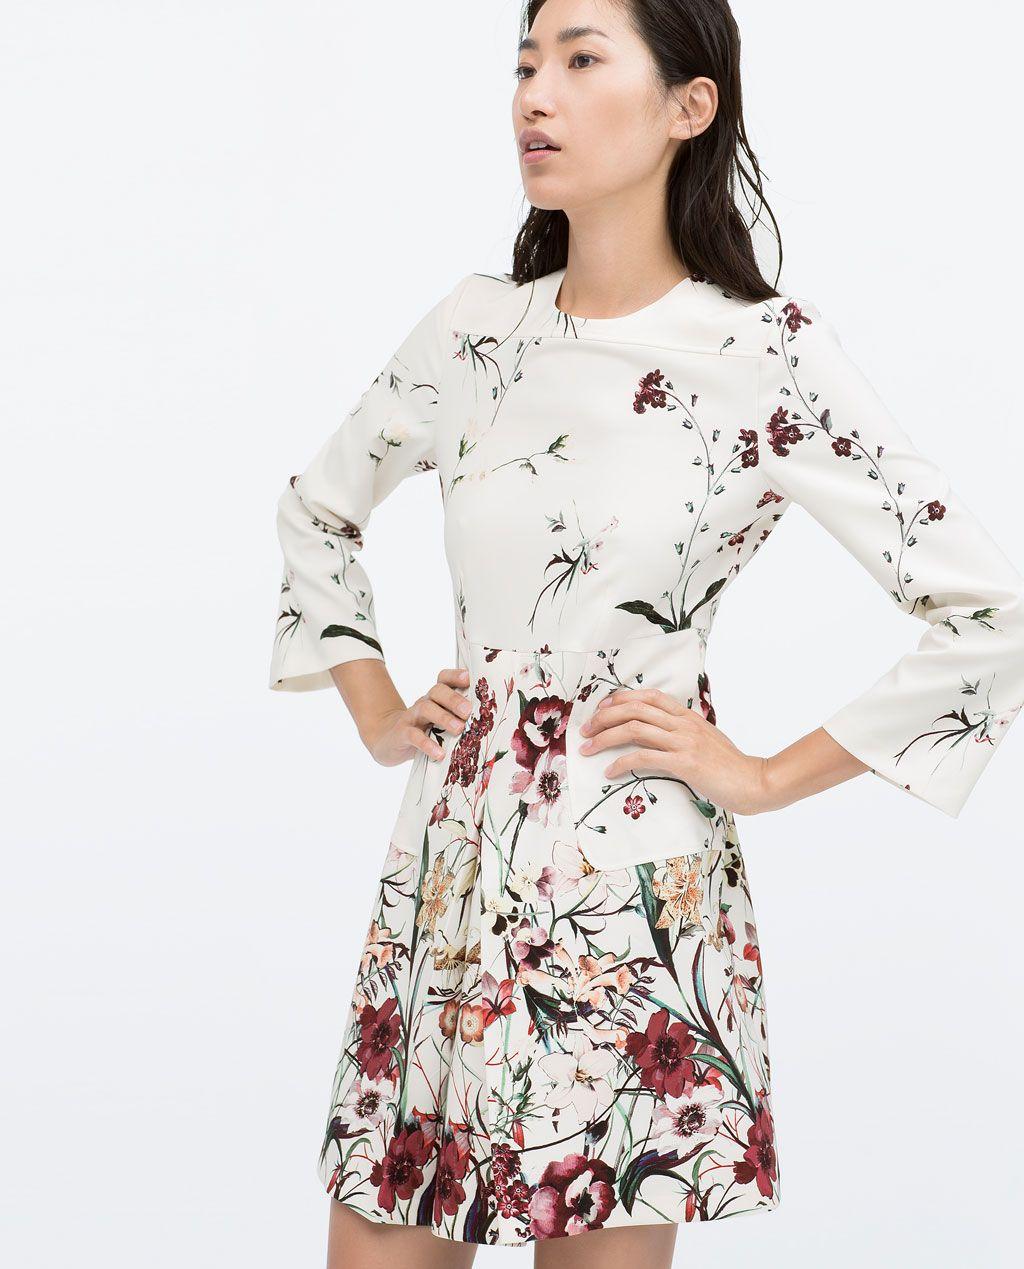 Zara kleid online | Trendige Kleider für die Saison 2018